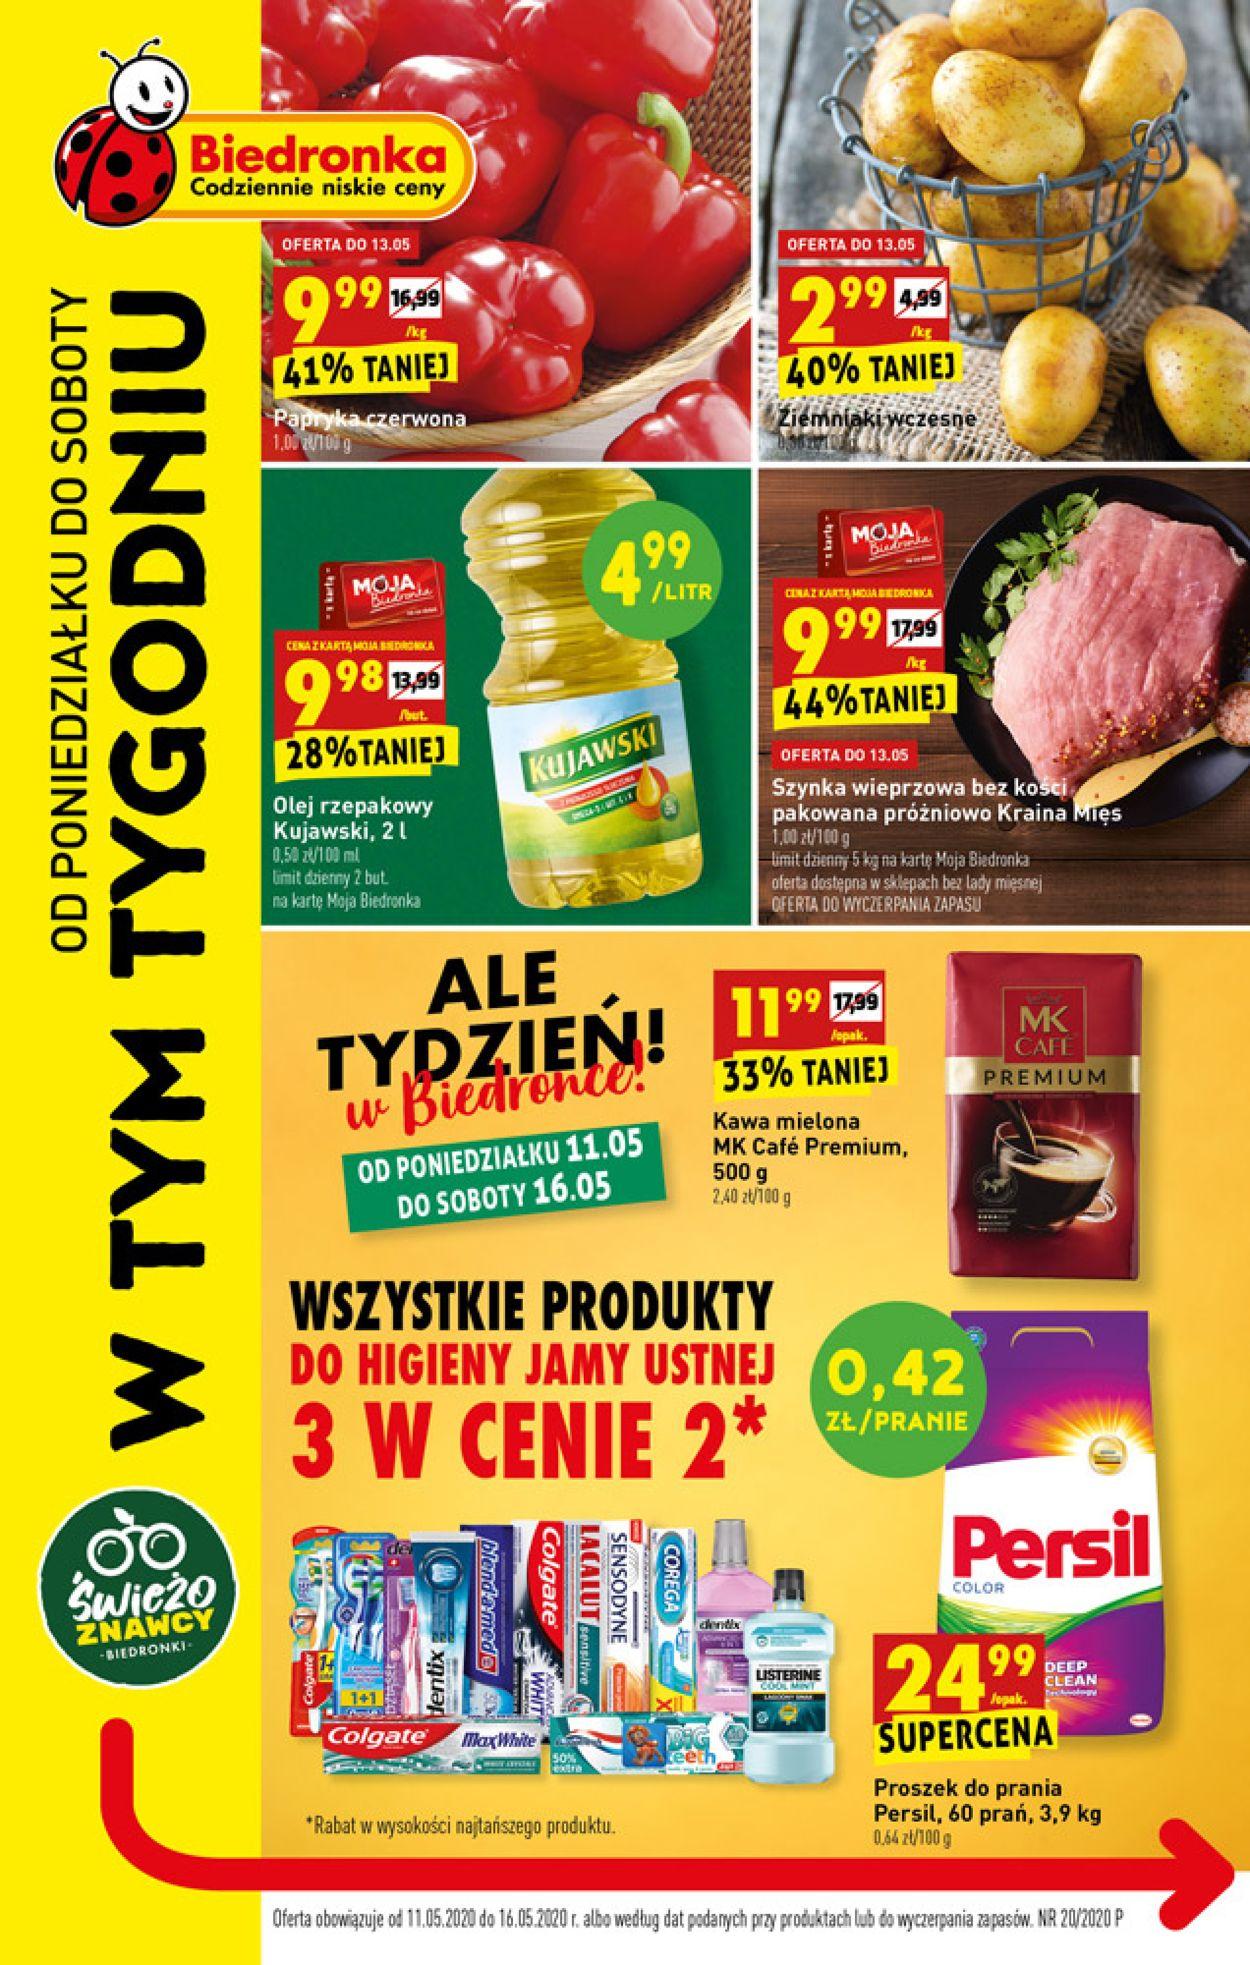 Gazetka promocyjna Biedronka - 11.05-16.05.2020